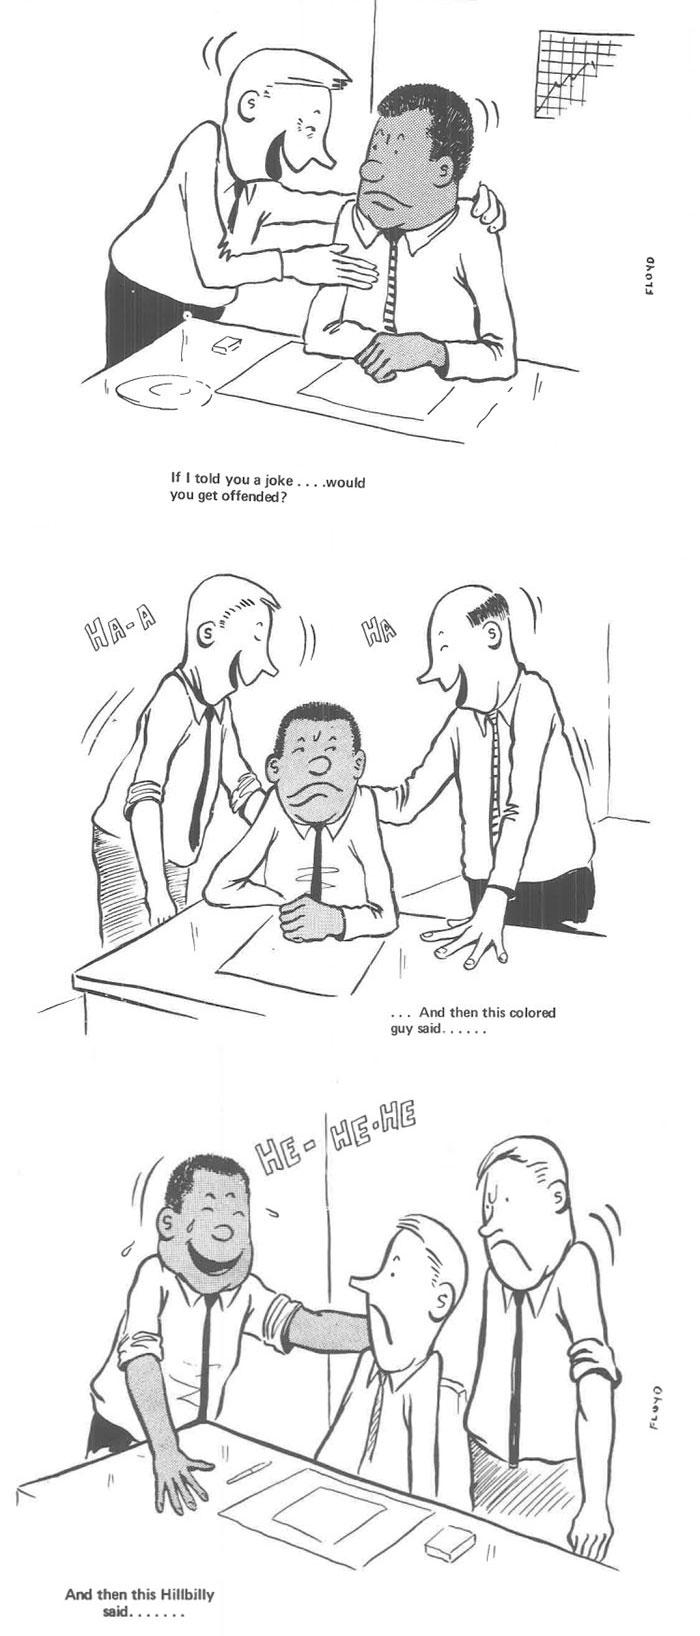 Ce noir a dessiné sa vie en tant que seul homme noir dans un bureau de blancs dans les années 60 et c'est pire que vous ne le pensez